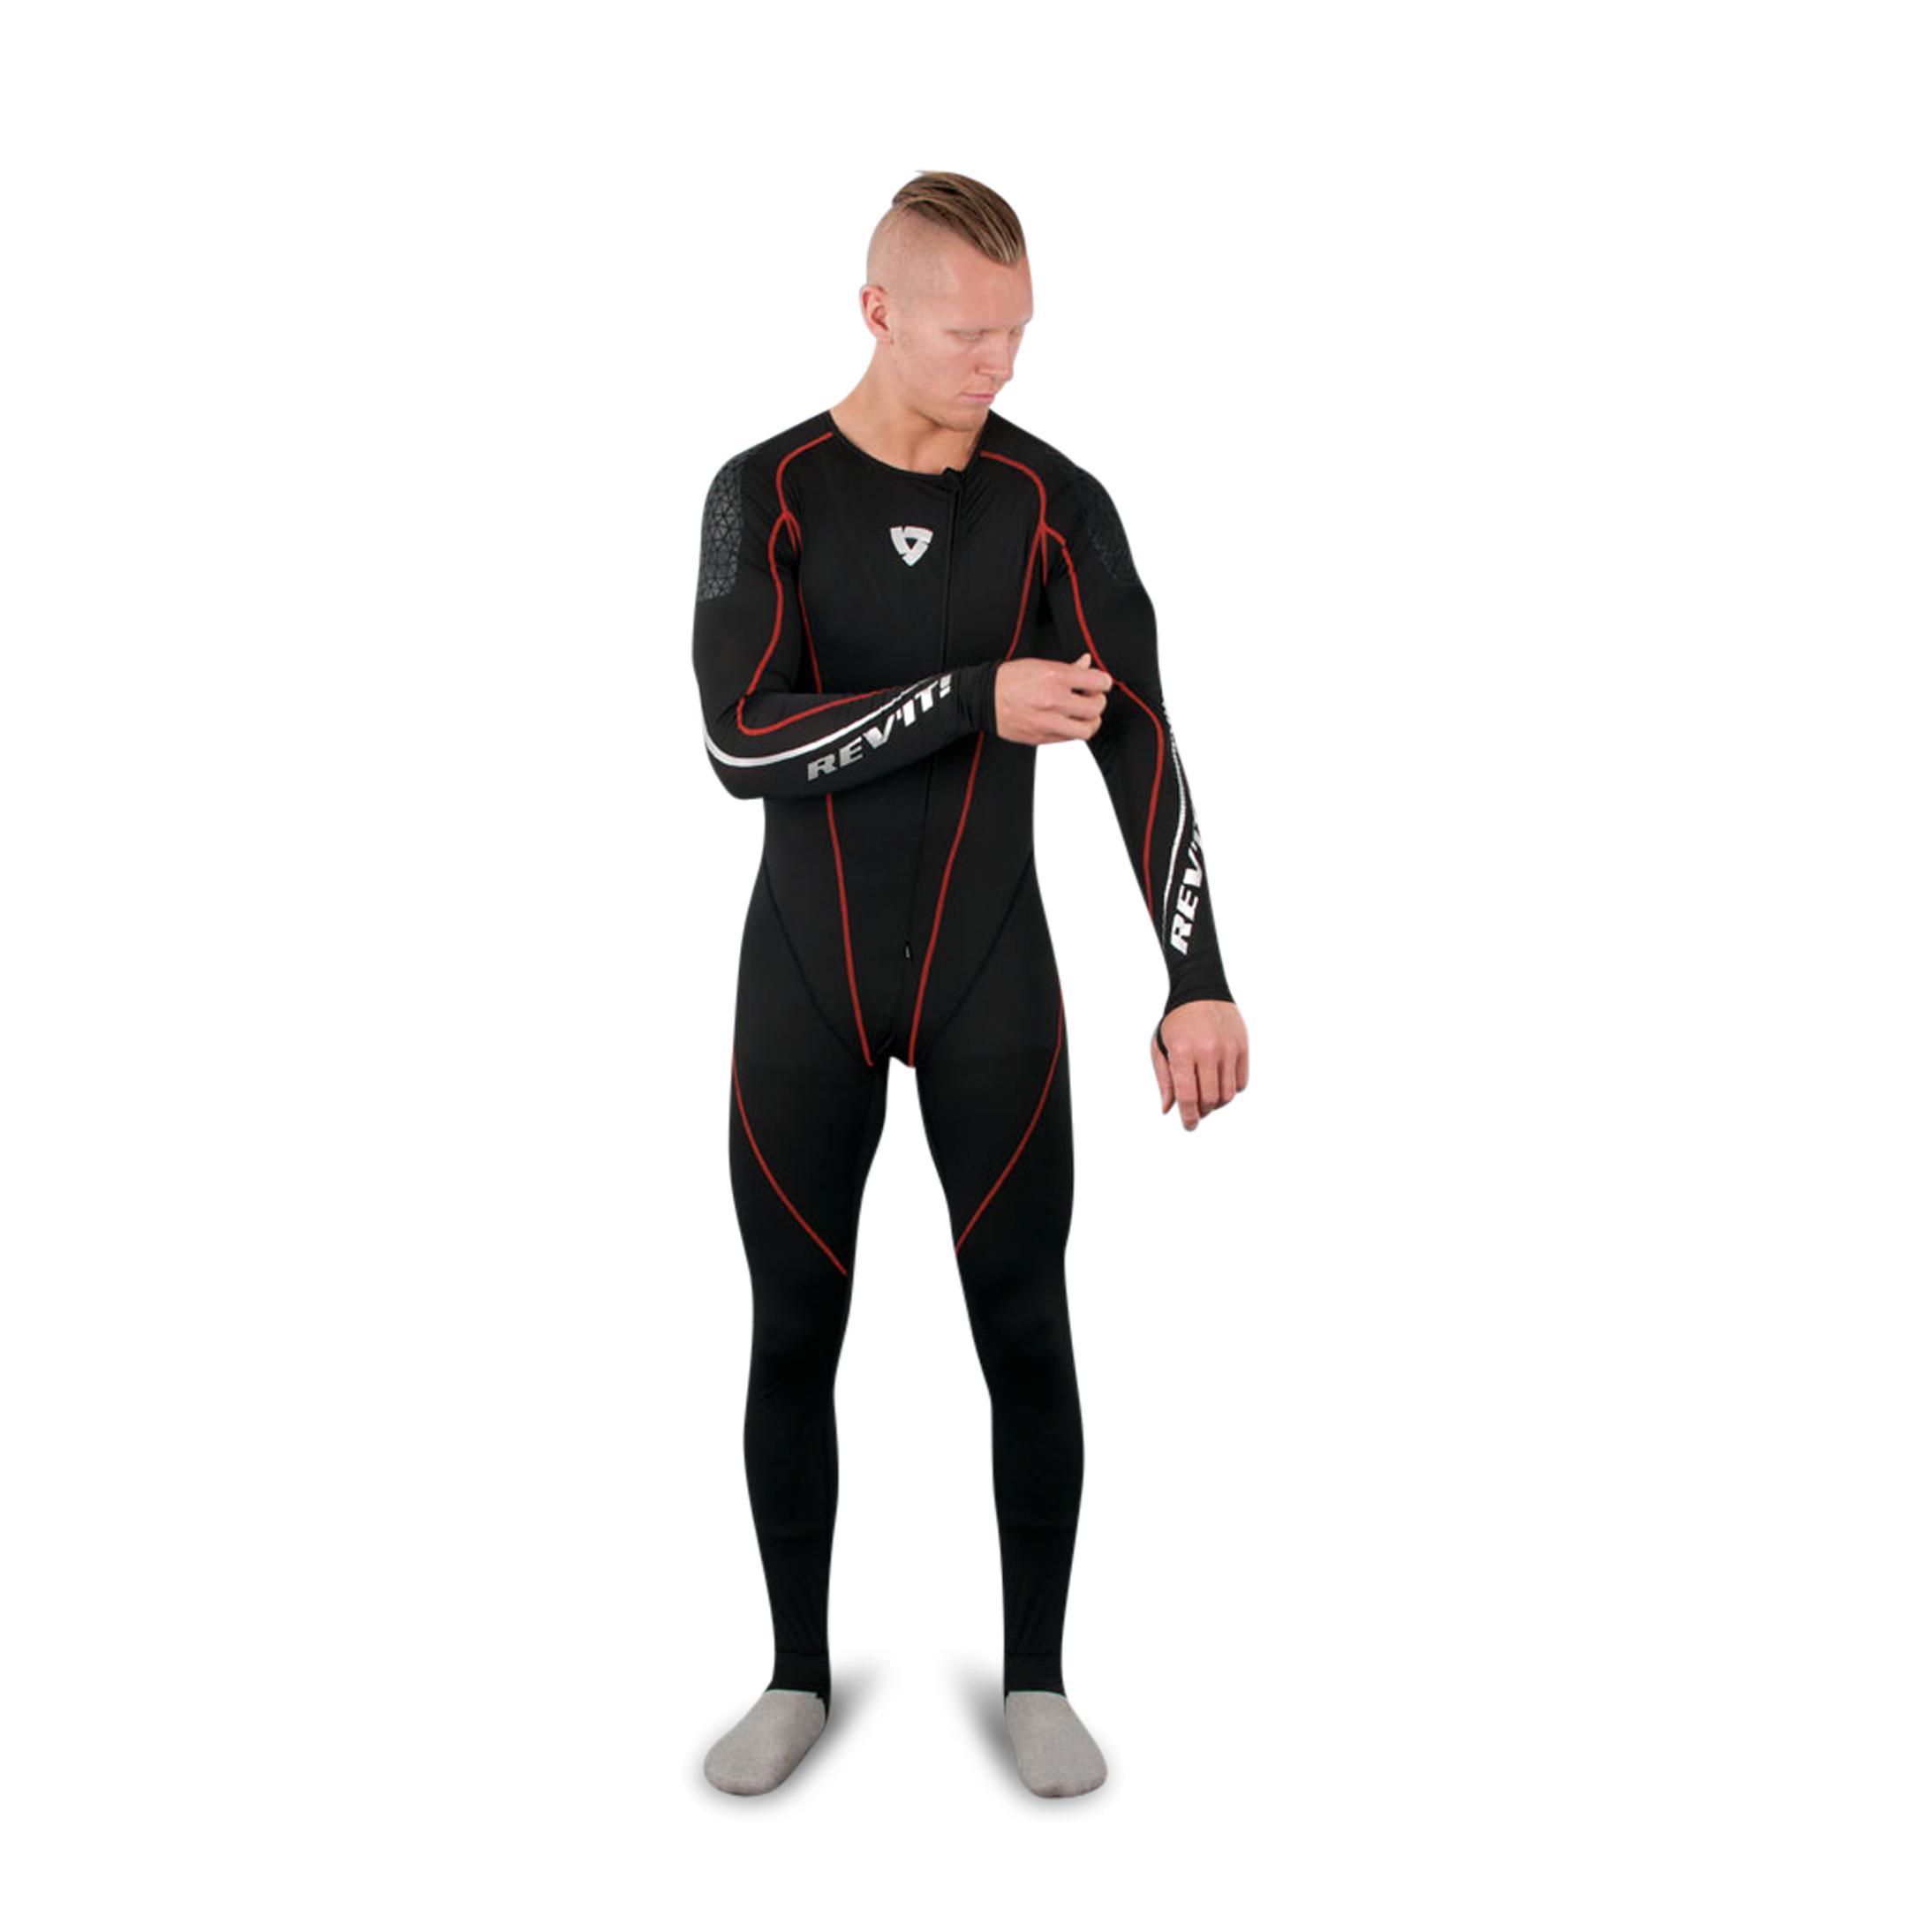 REVIT! Combinaison Sous-vêtements Sports Excellerator Noire M